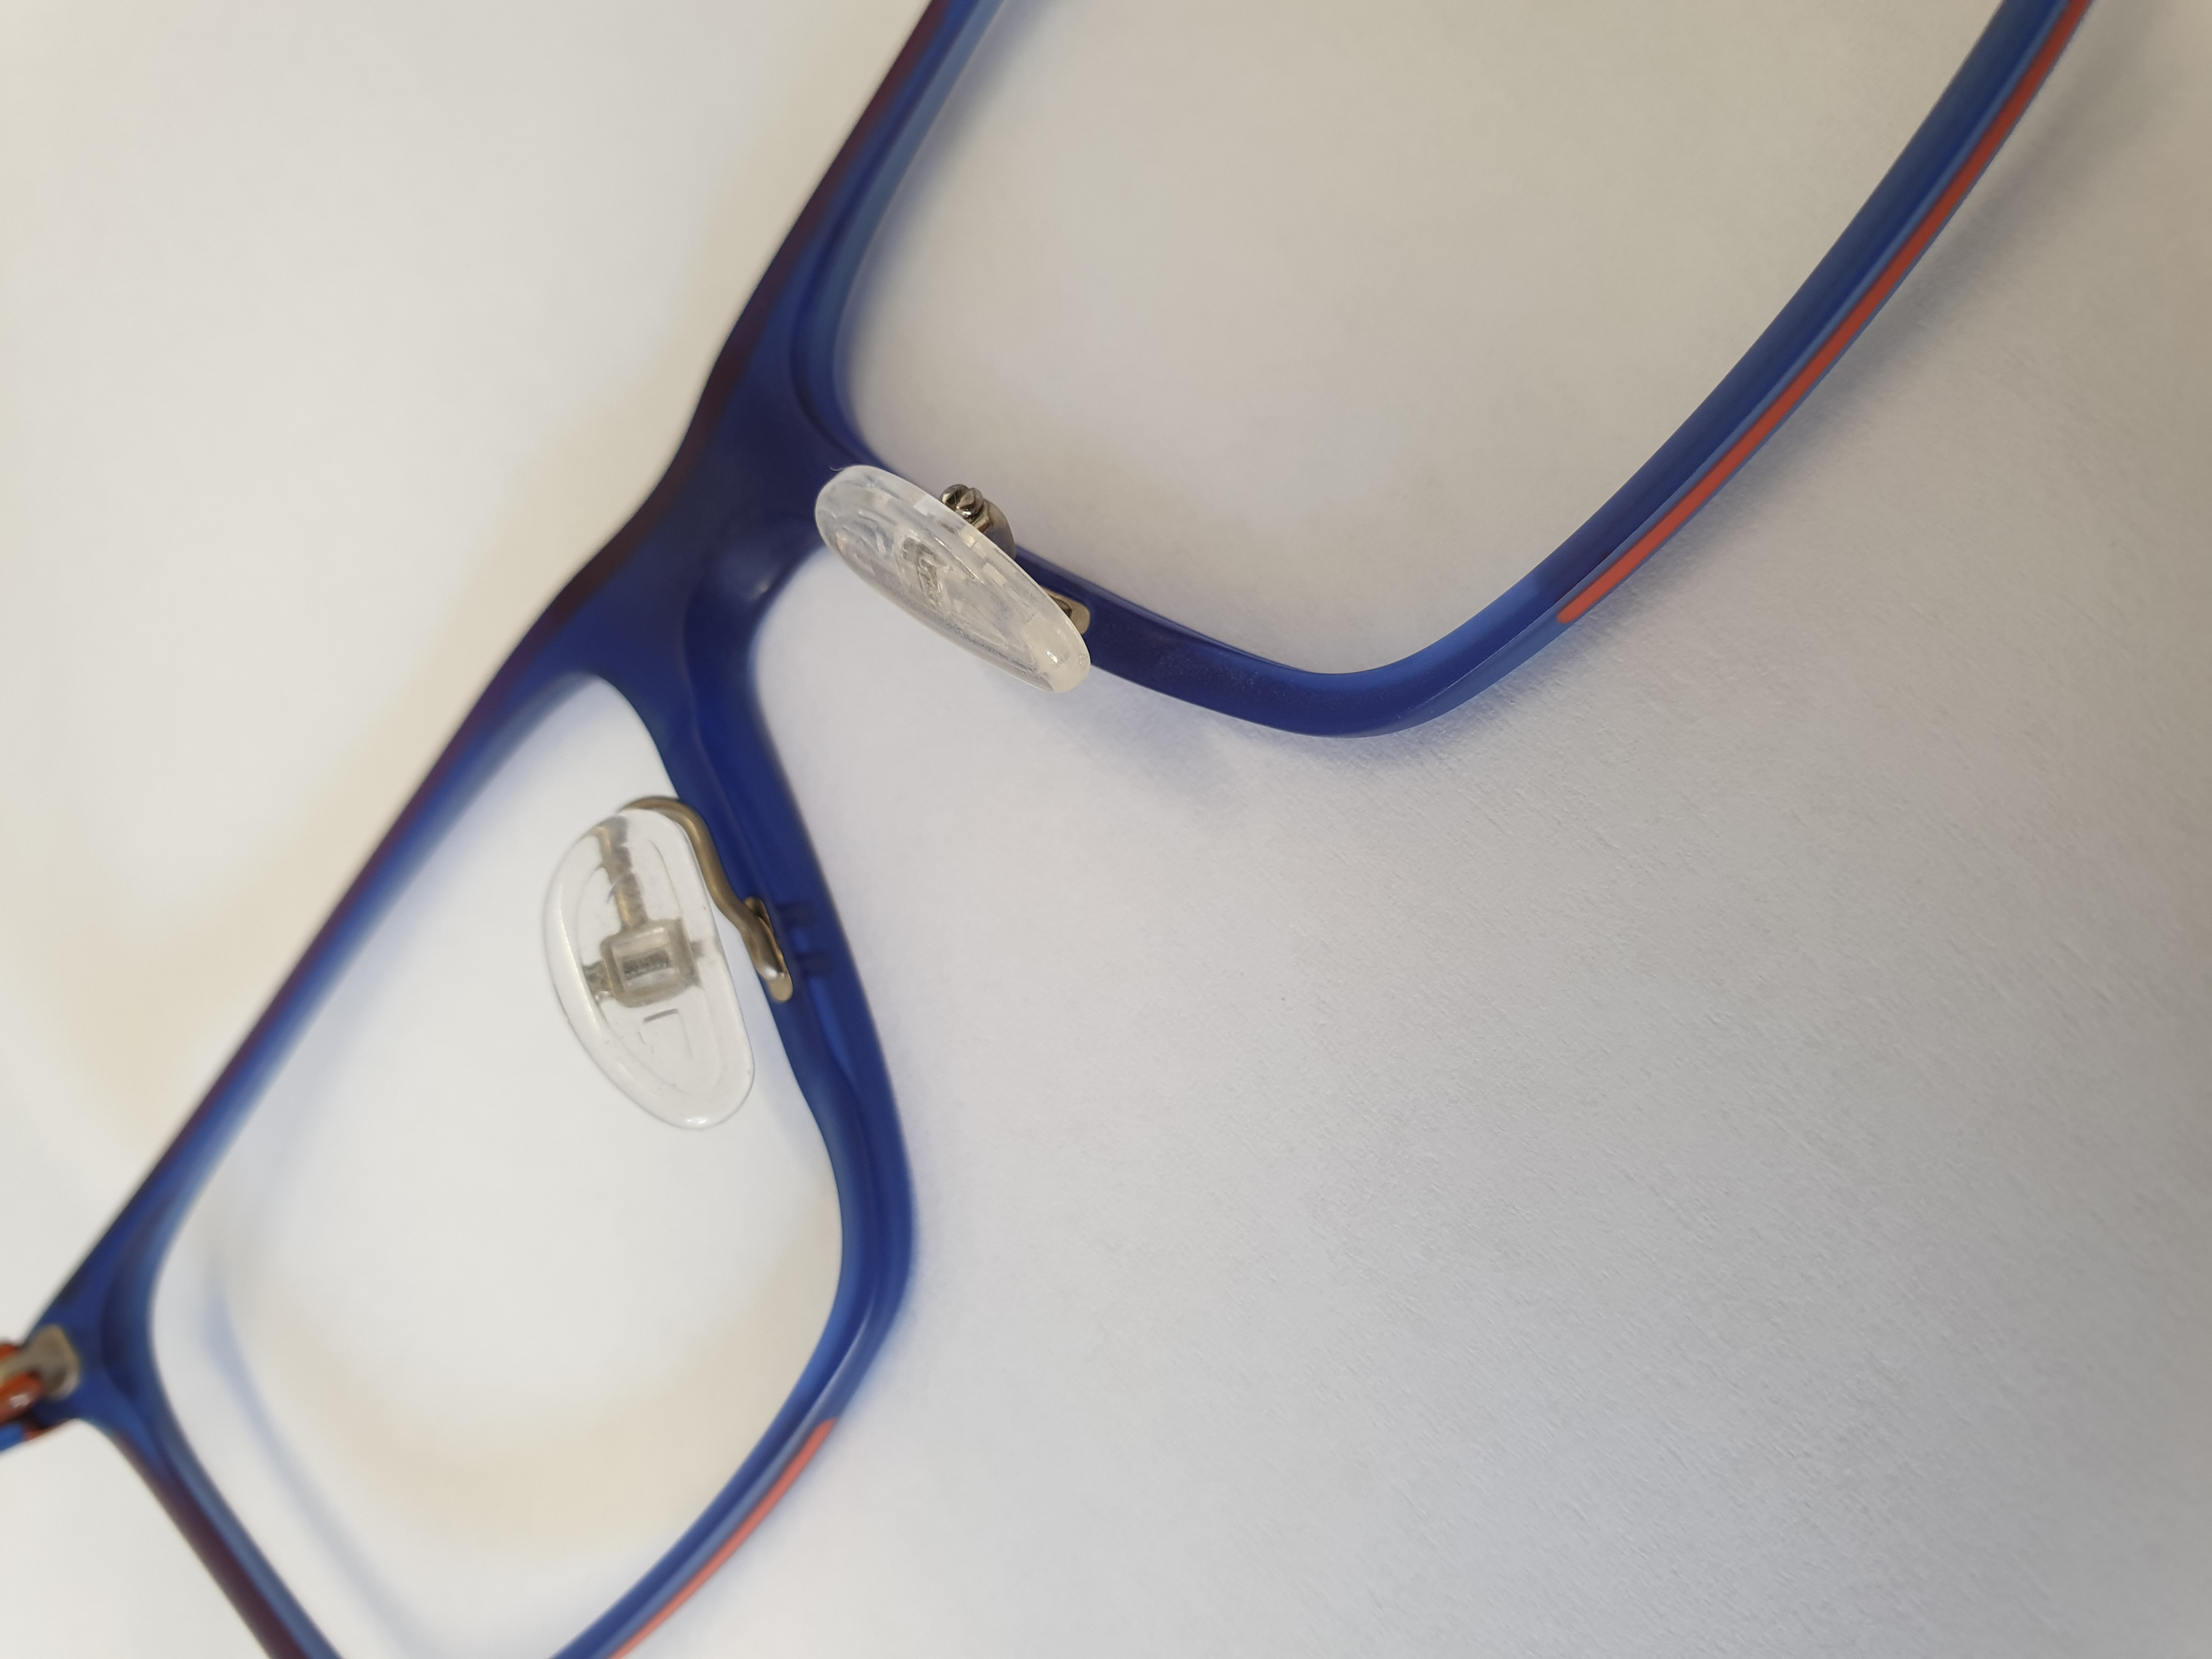 Padhebel an Kunststoffbrille montieren